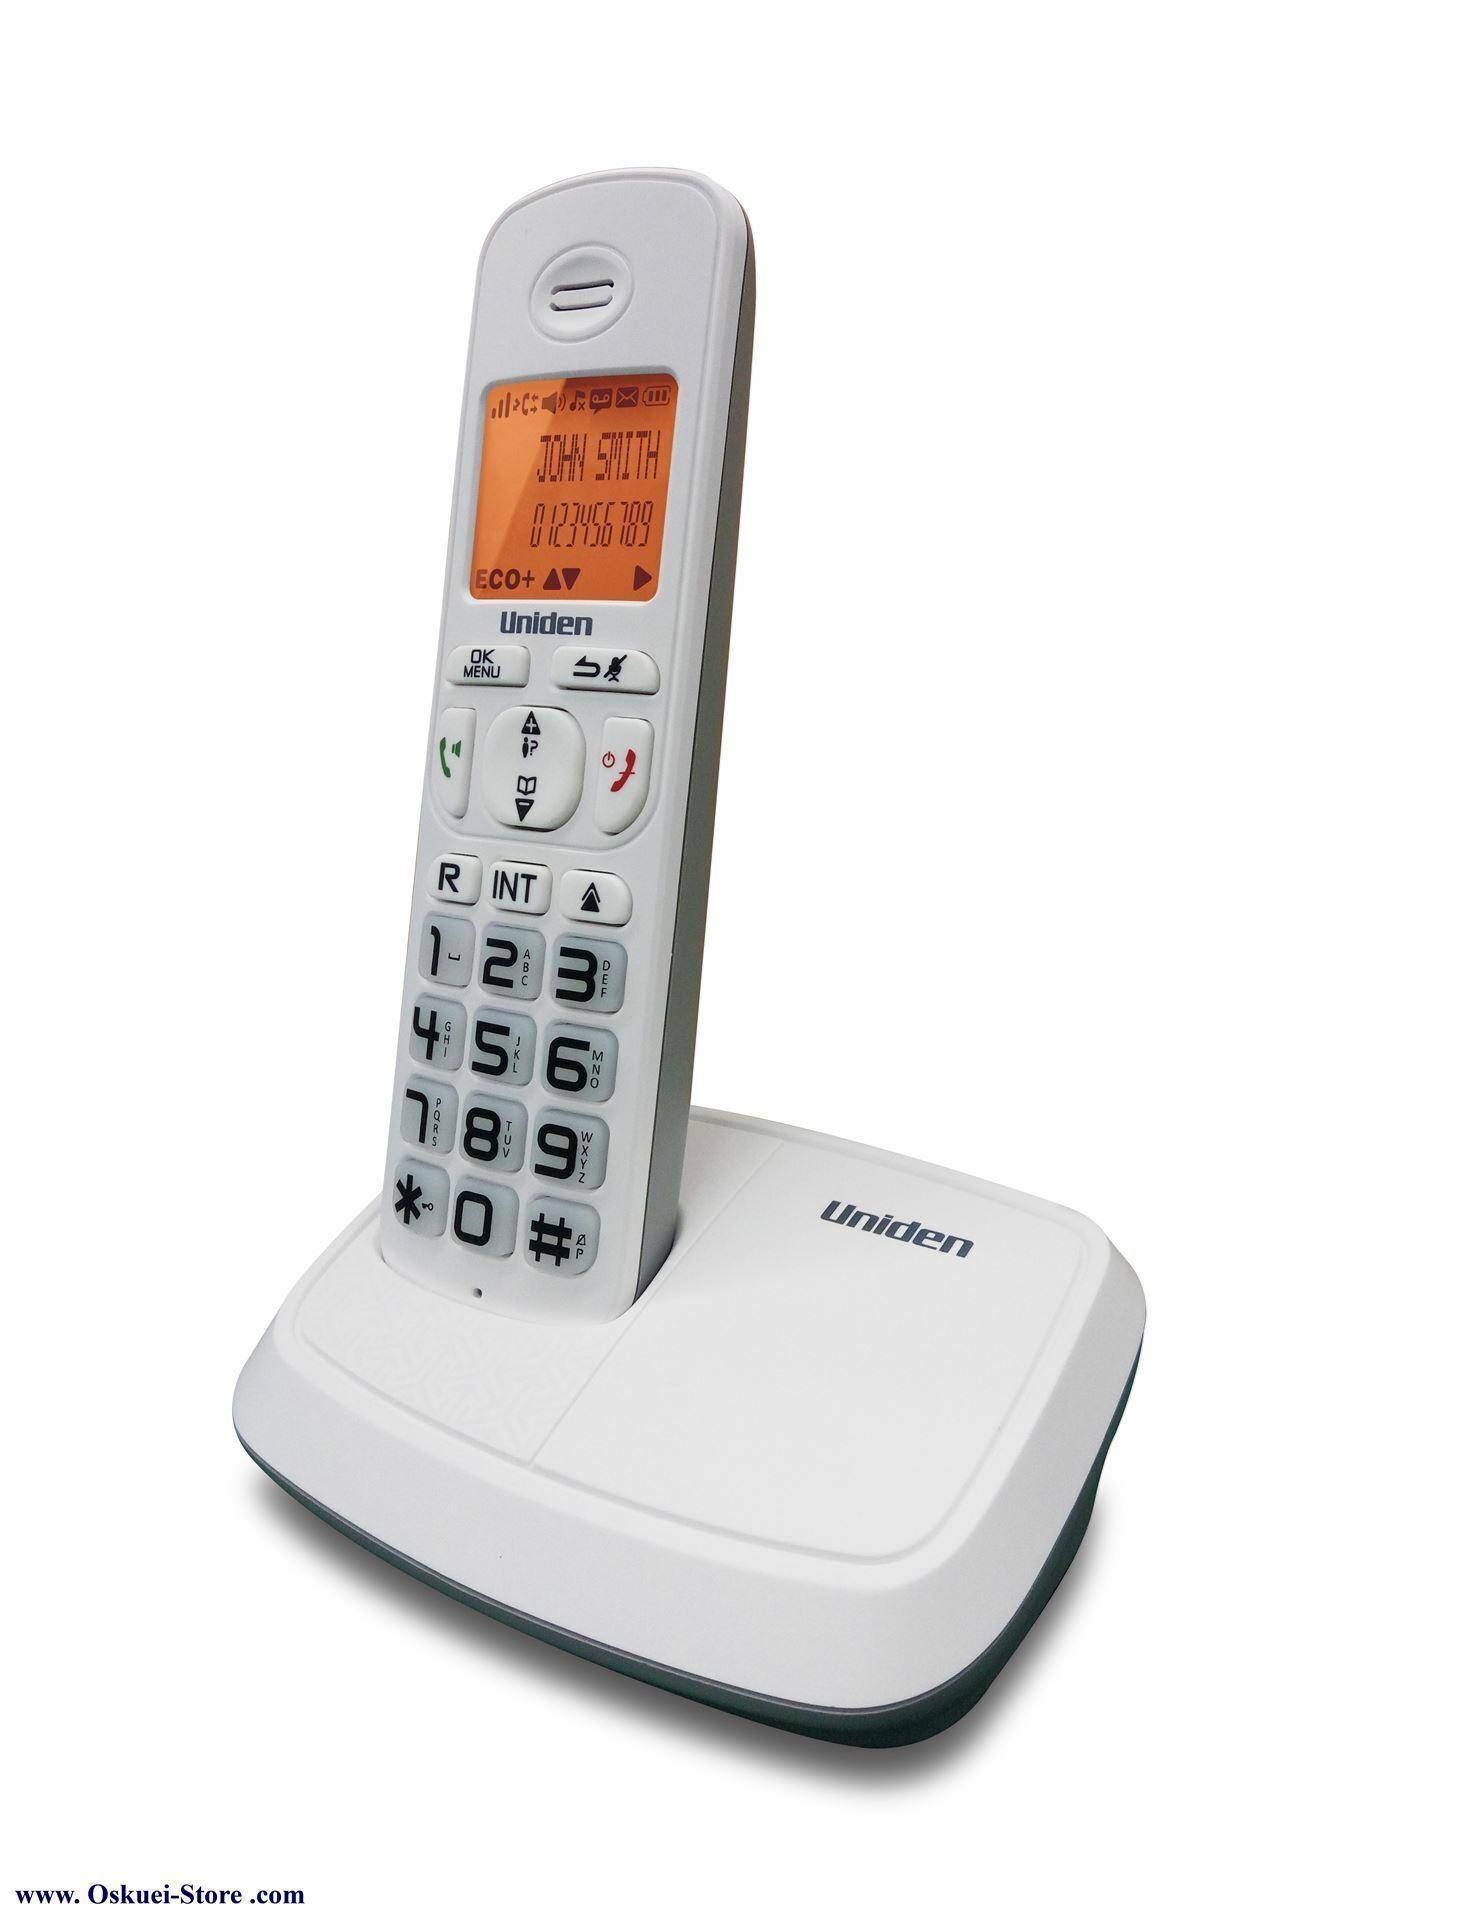 تلفن بيسيم يونيدن مدل AT4103